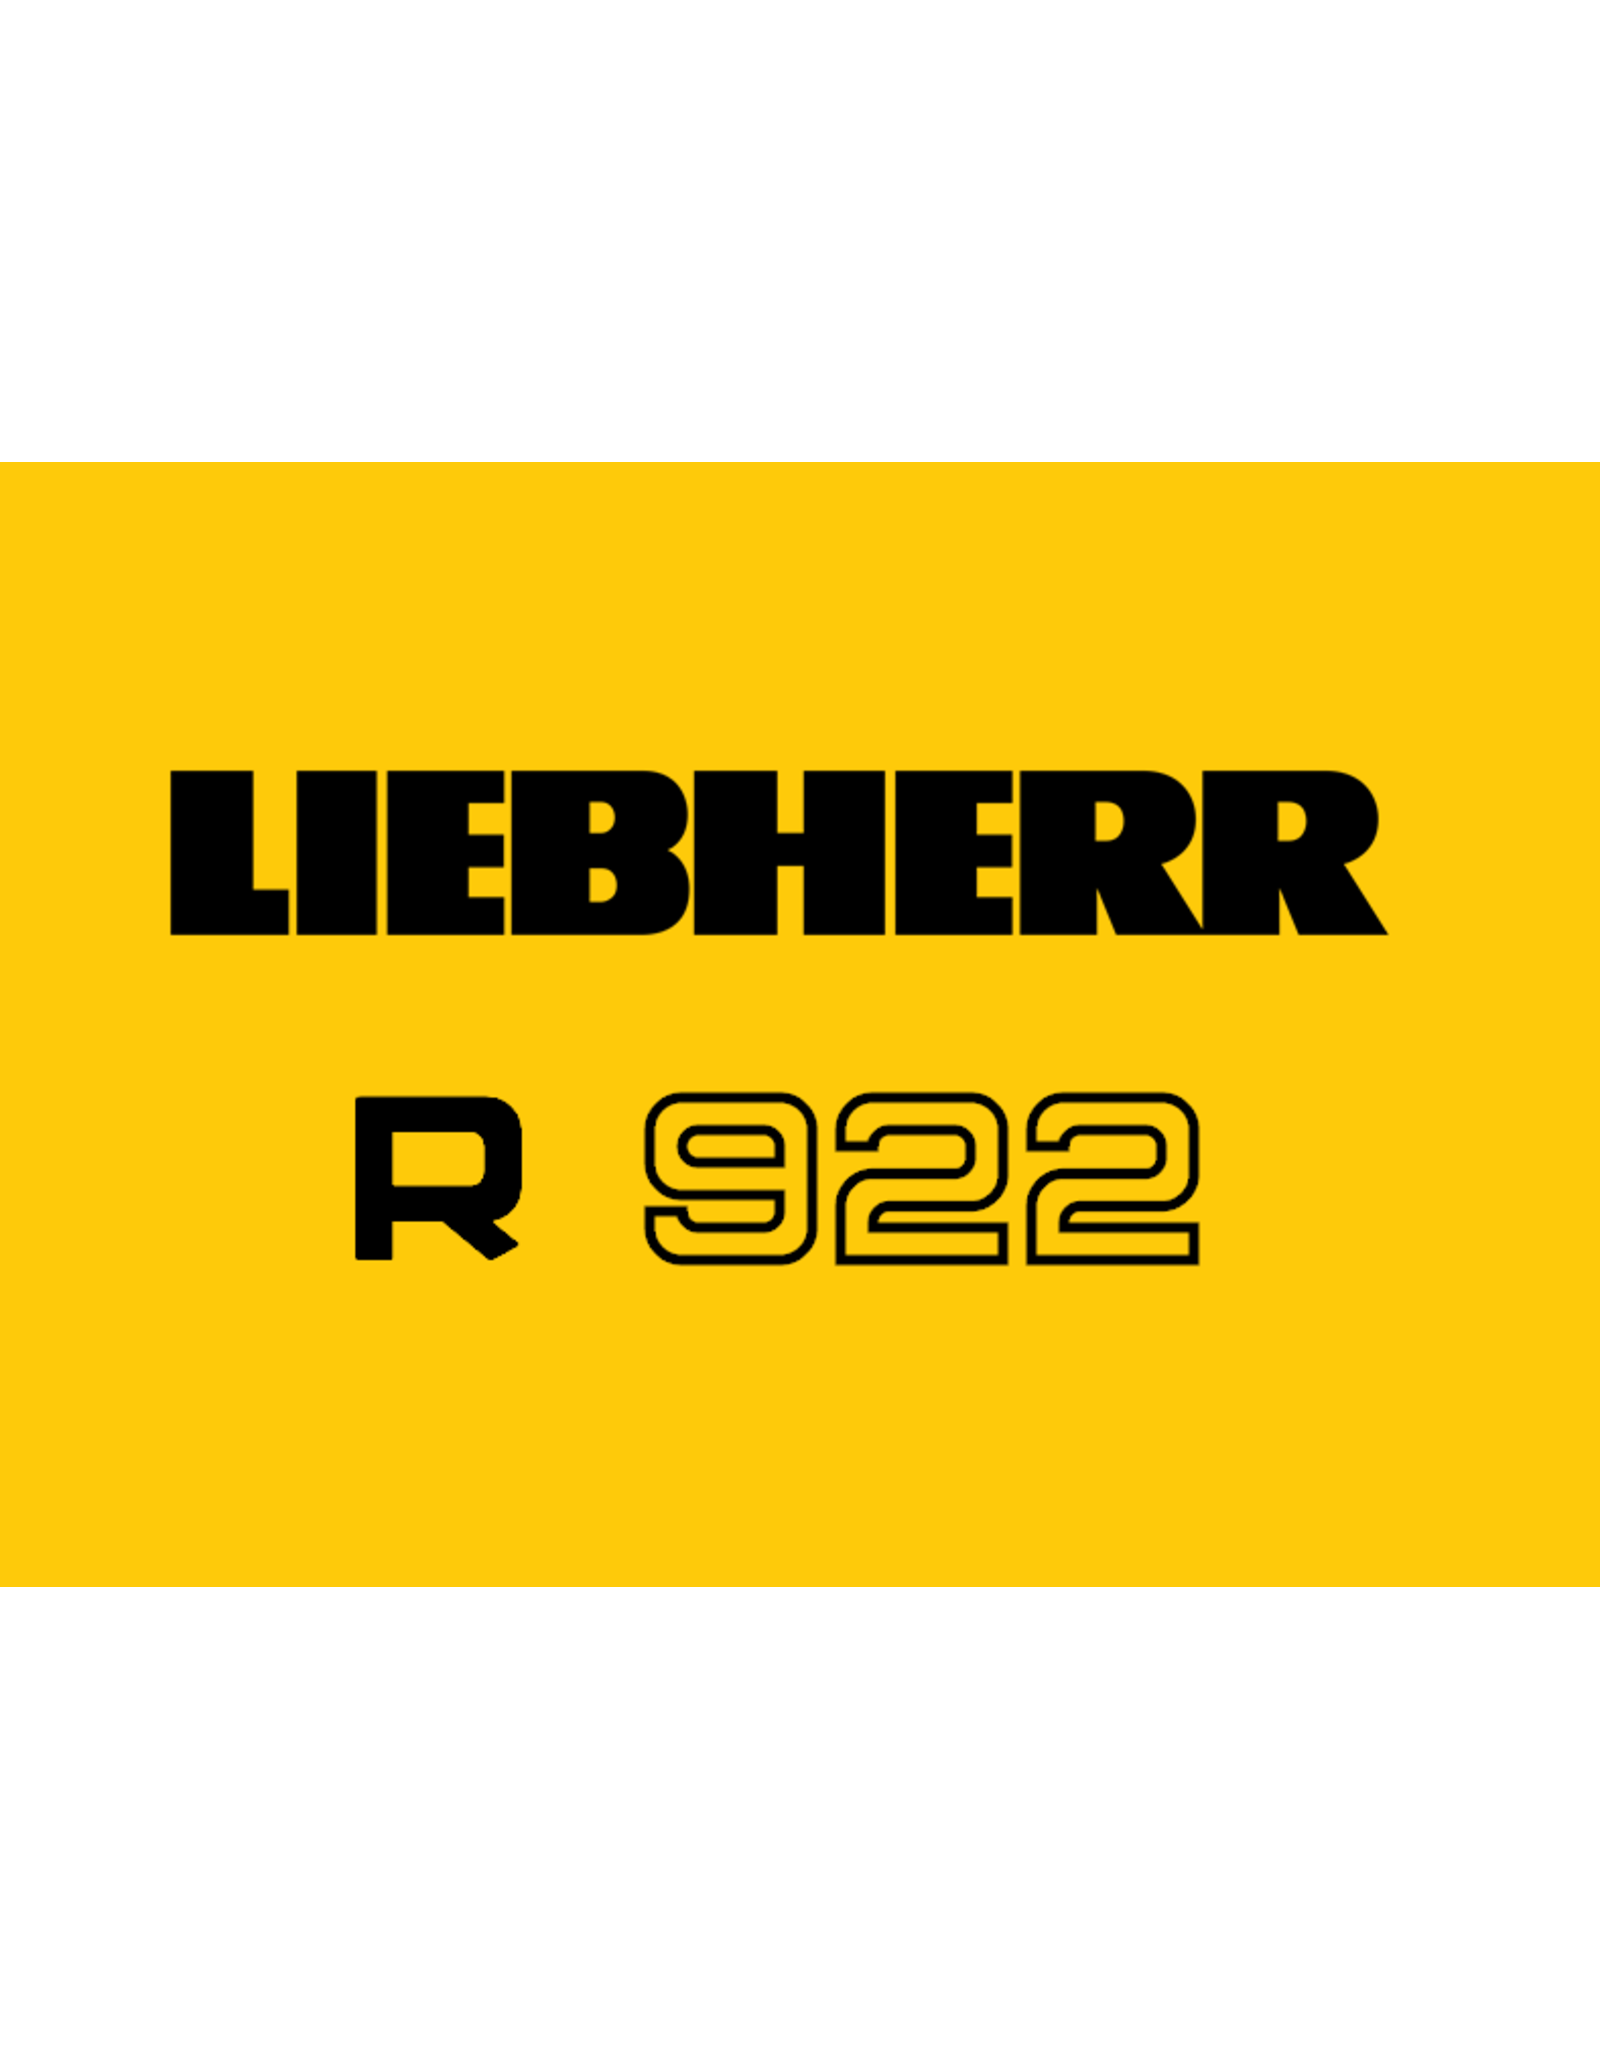 Echle Hartstahl GmbH FOPS für Liebherr R 922